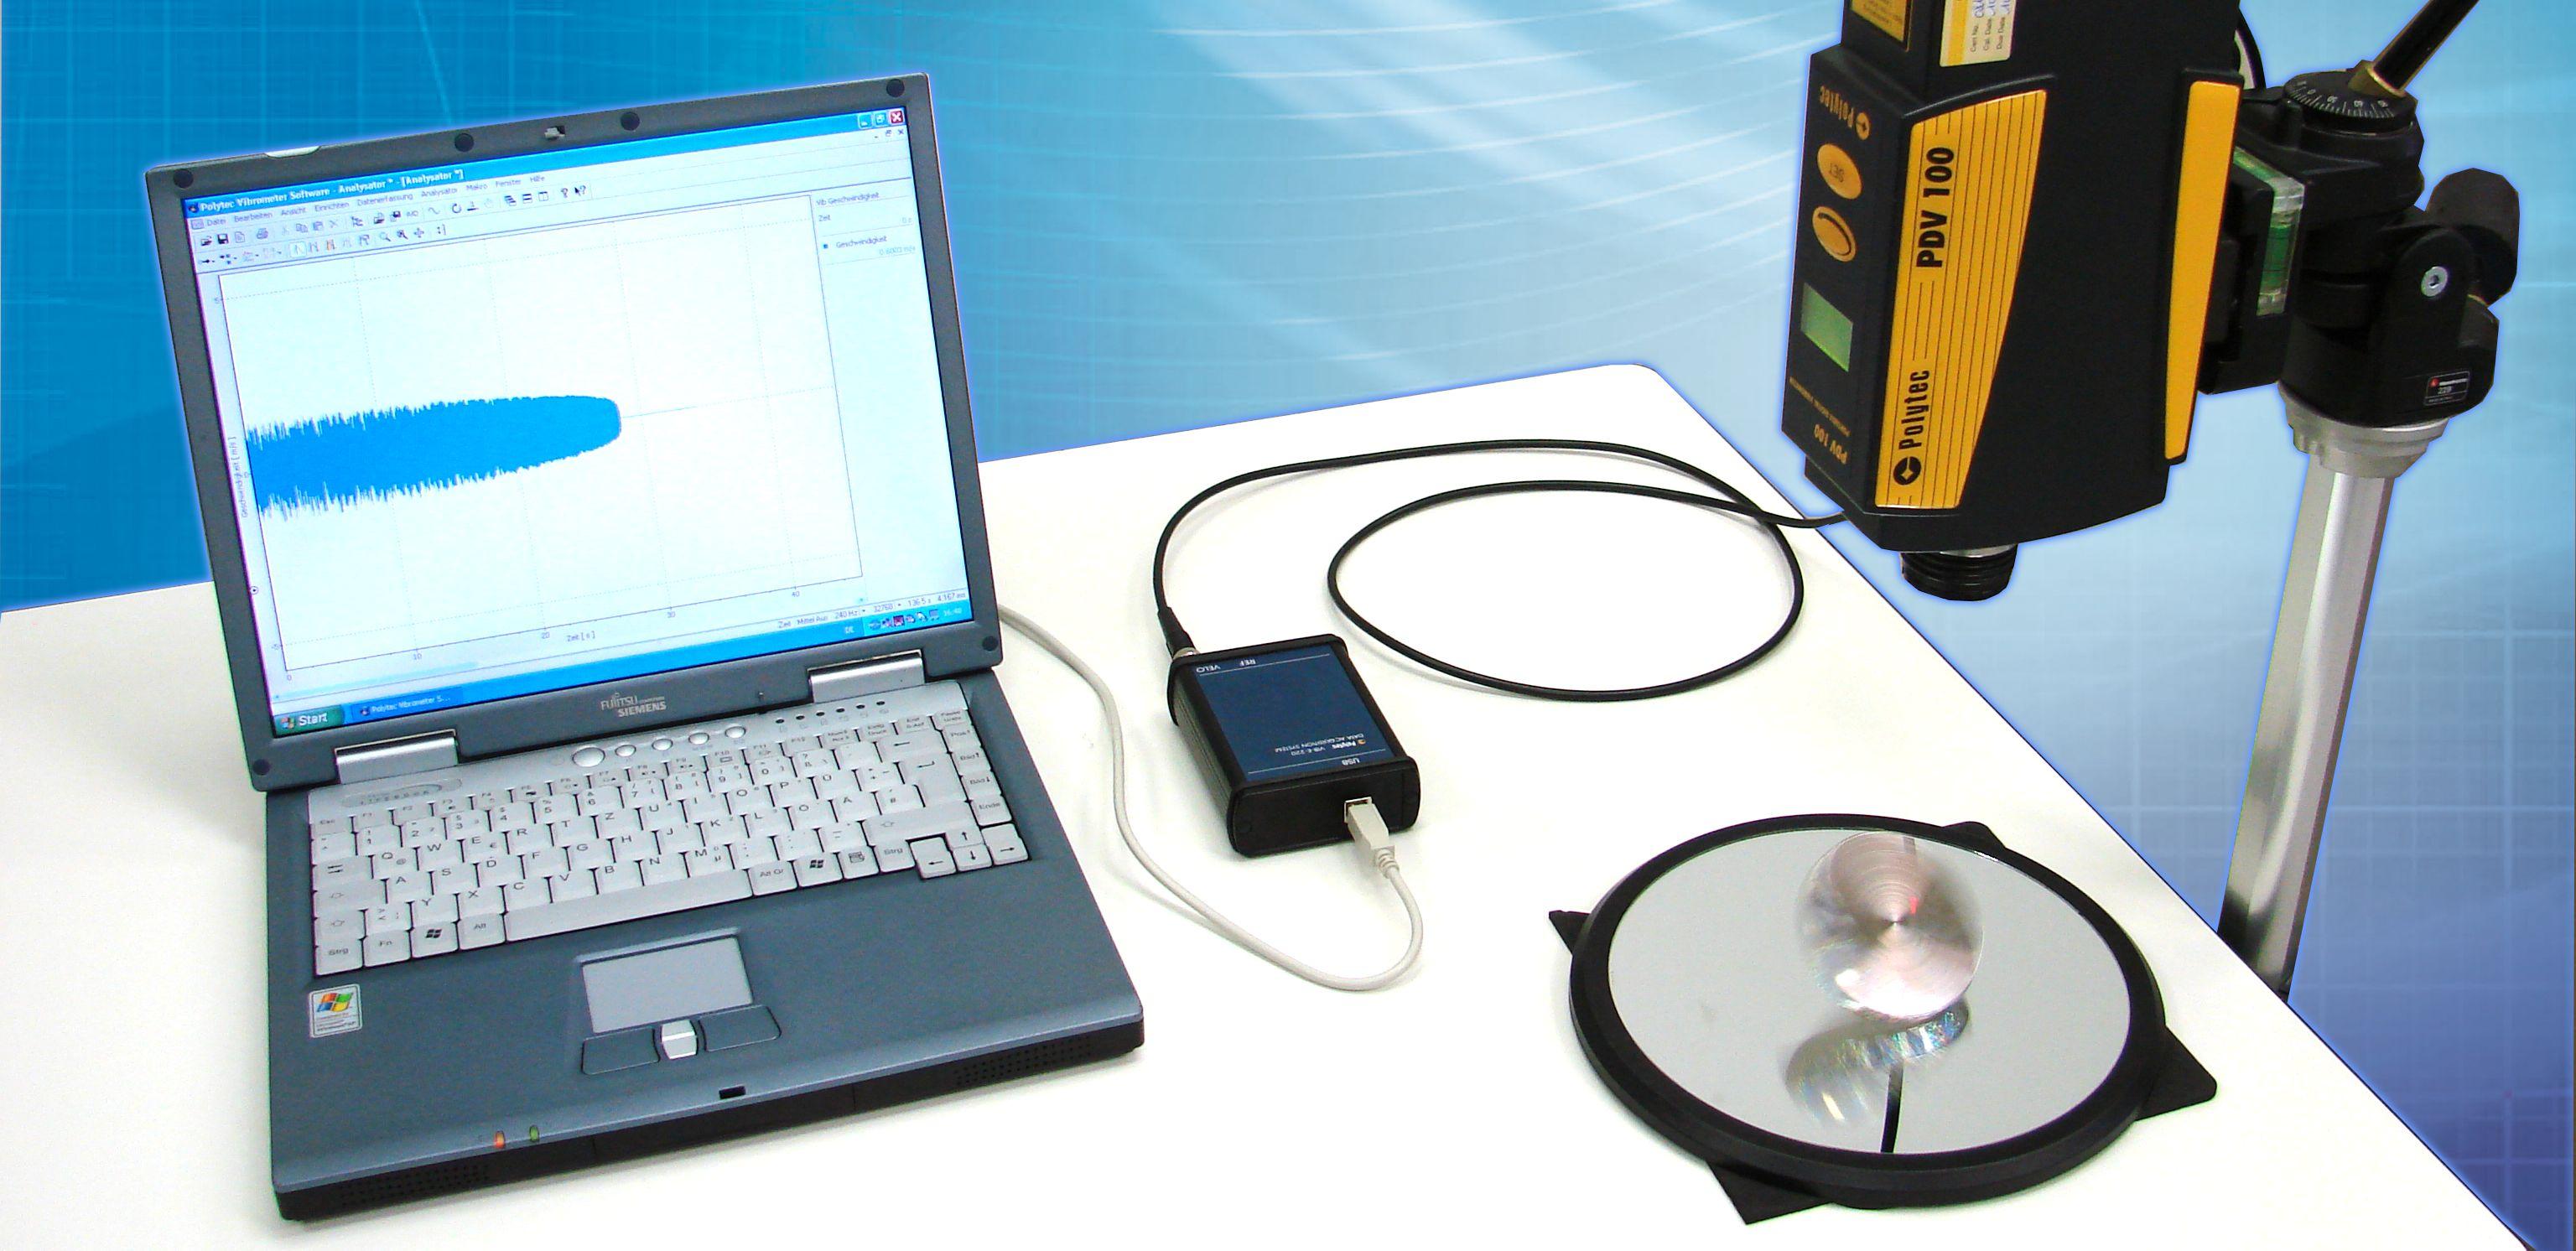 Gen Spiel S7 Verbesserte Edition Unterstützung Bluetooth 2,1 Verbindung Und Drahtlose Verbindung Spiel Controller Für Windows Pc Ios Tv Box Unterhaltungselektronik Portable Spielkonsolen